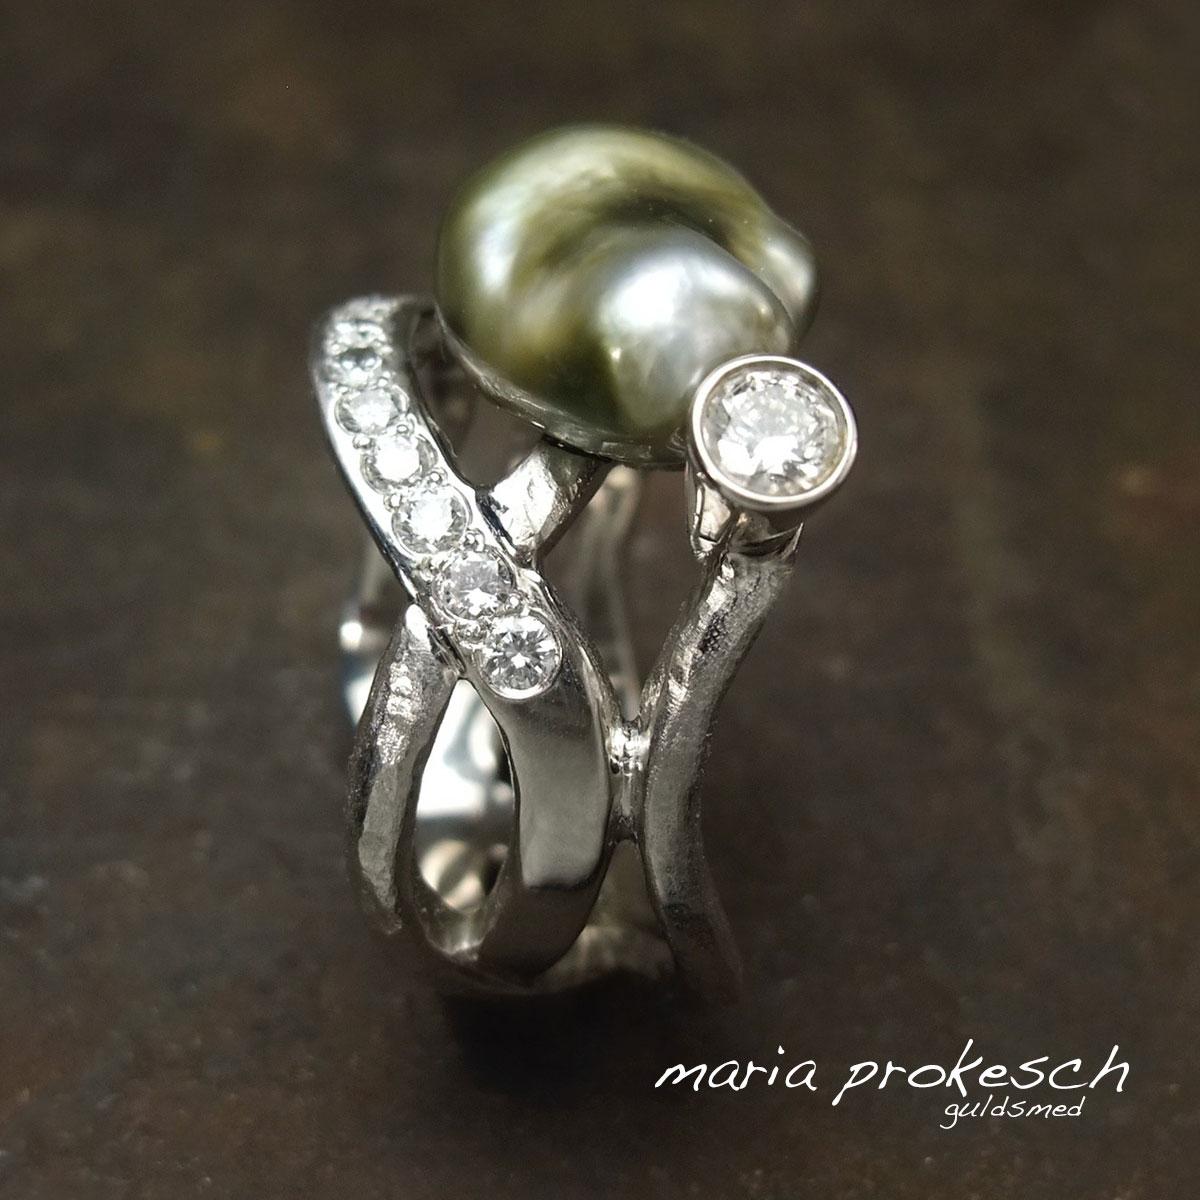 Damering i hvidguld og grøn keshi perle fra Fiji. Diamanterne på trådene giver ringen et elegant udtryk